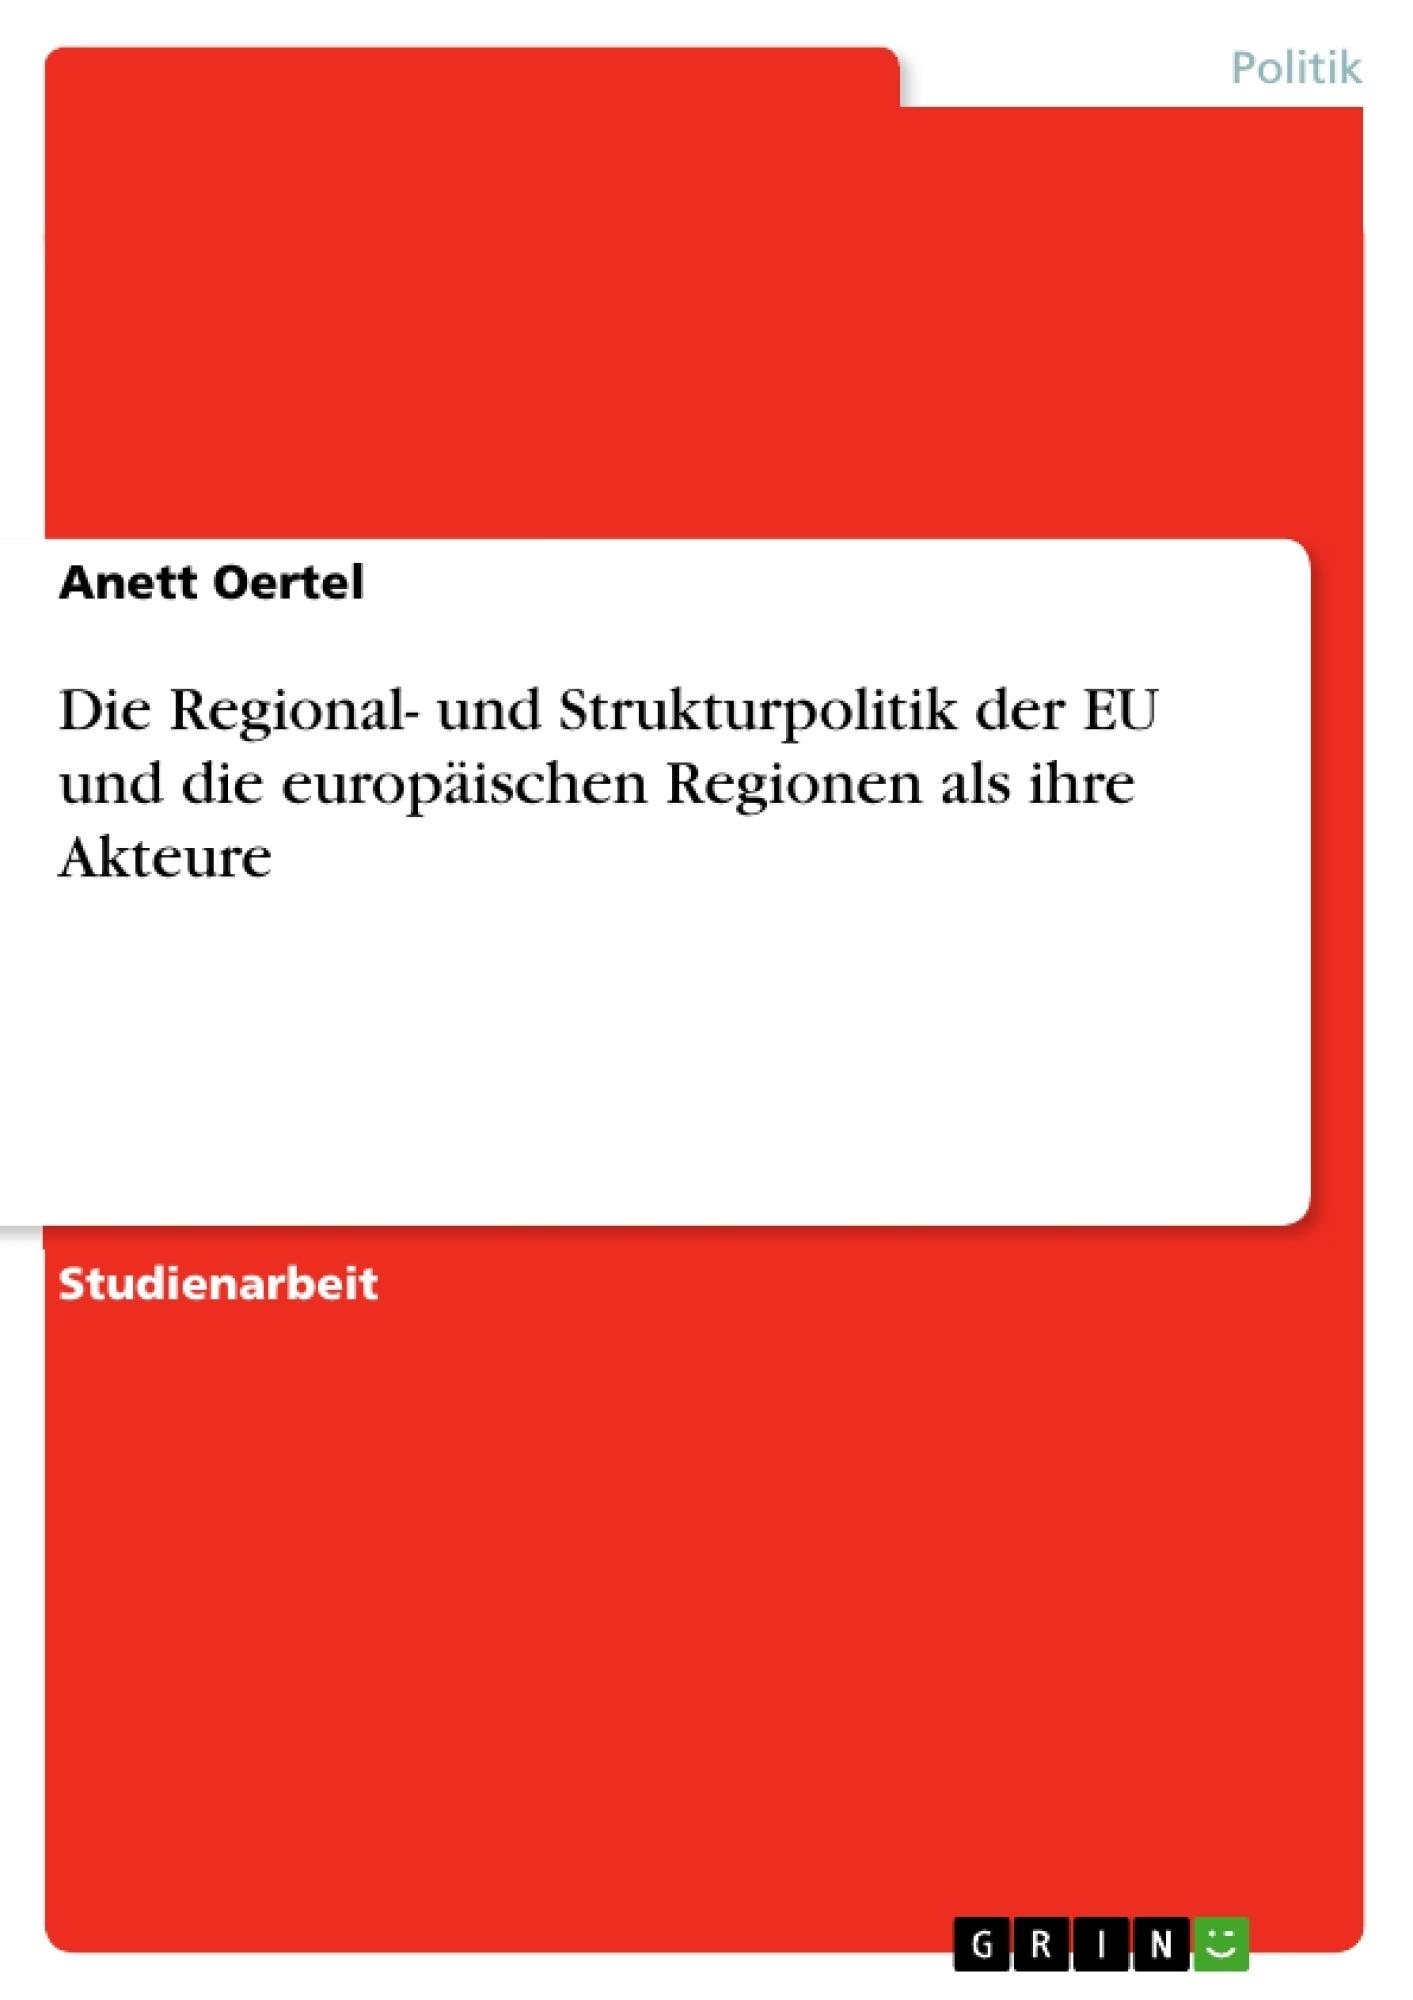 Titel: Die Regional- und Strukturpolitik der EU und die europäischen Regionen als ihre Akteure